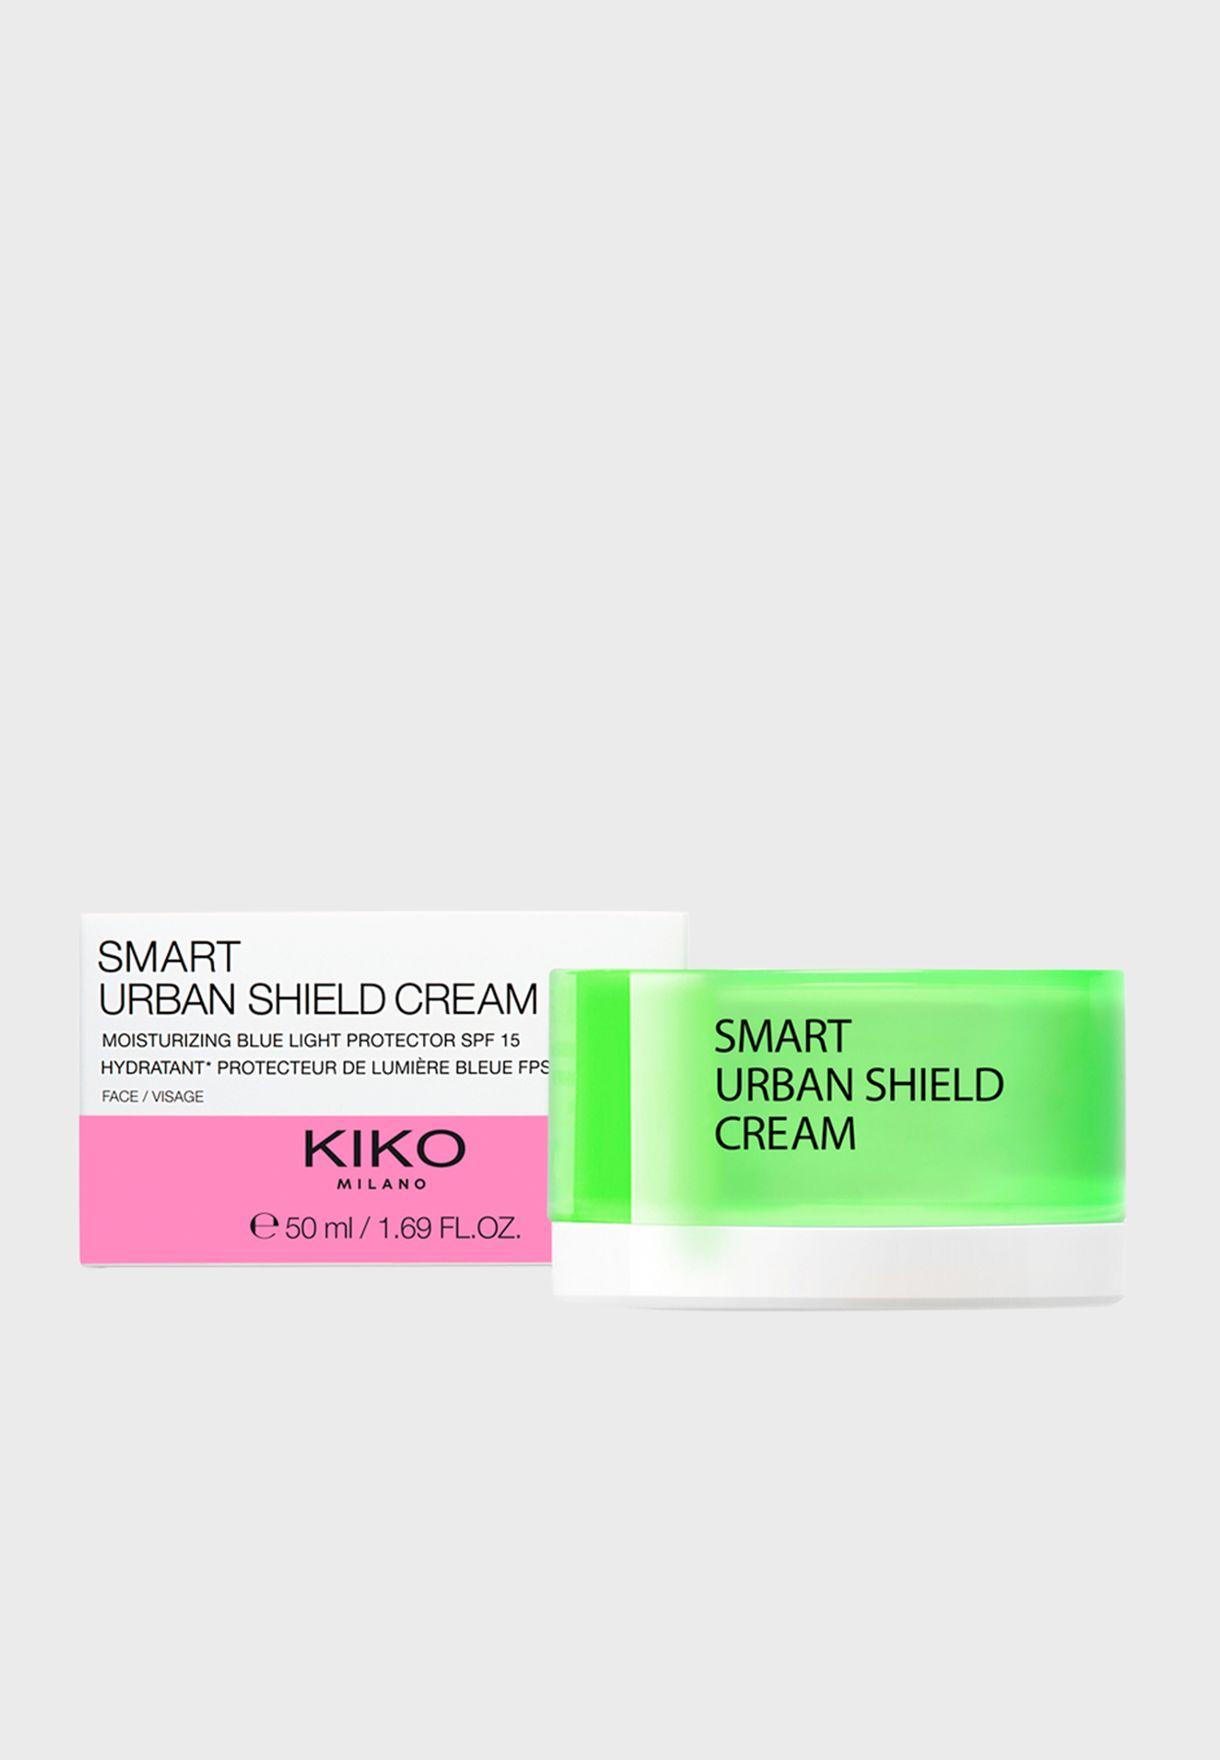 Smart Urban Shield Cream 001